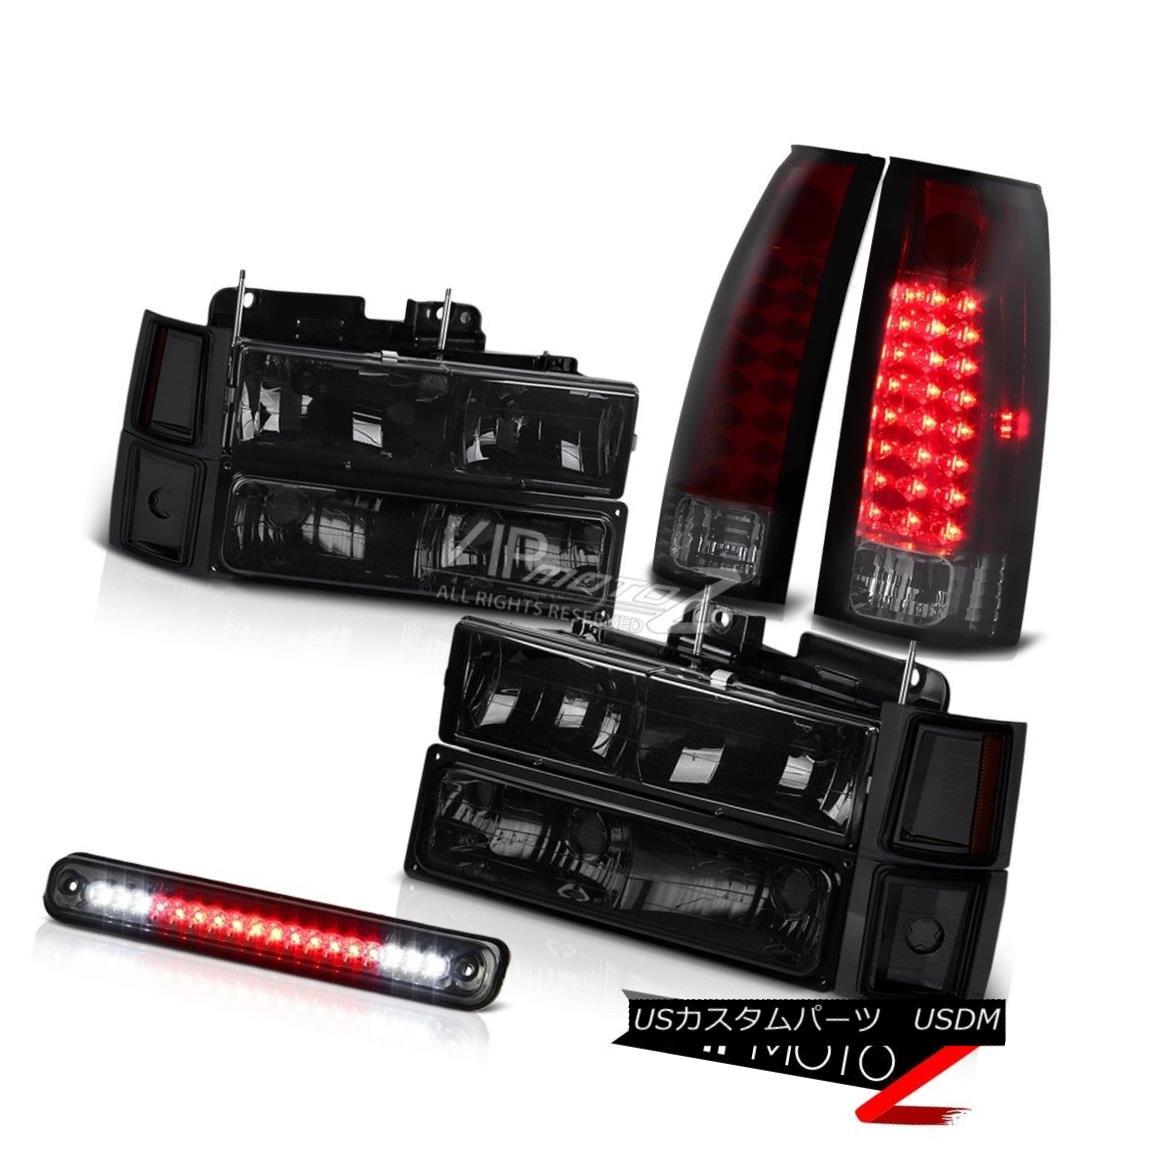 テールライト Chevrolet Silverado C10 Smoke Red LED Tail Light Third Brake Headlights Headlamp シボレーシルバラードC10煙レッドLEDテールライト第3ブレーキライトヘッドランプ